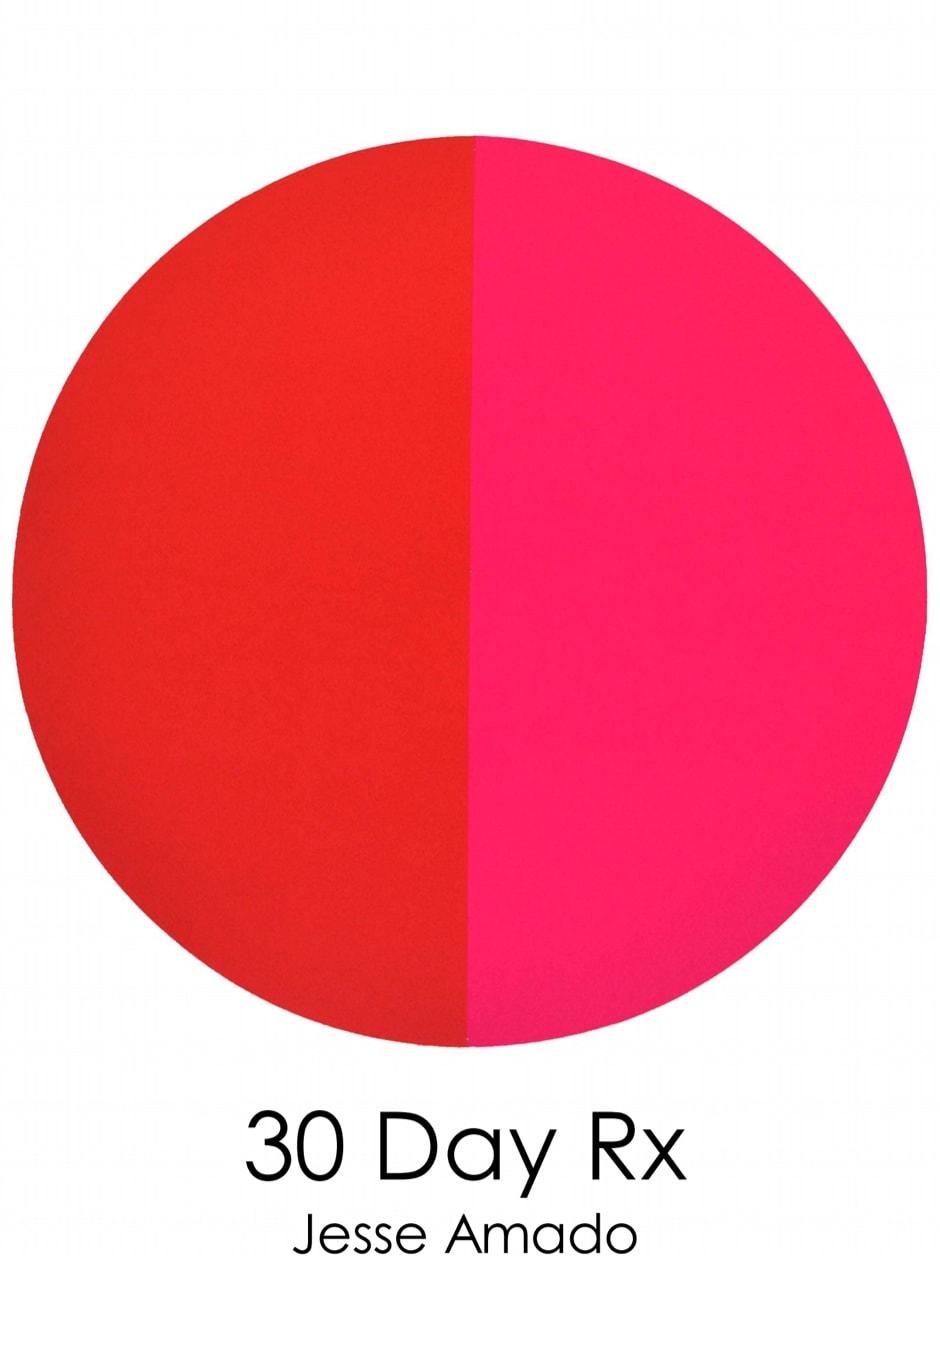 Jesse Amado: 30 Day Rx